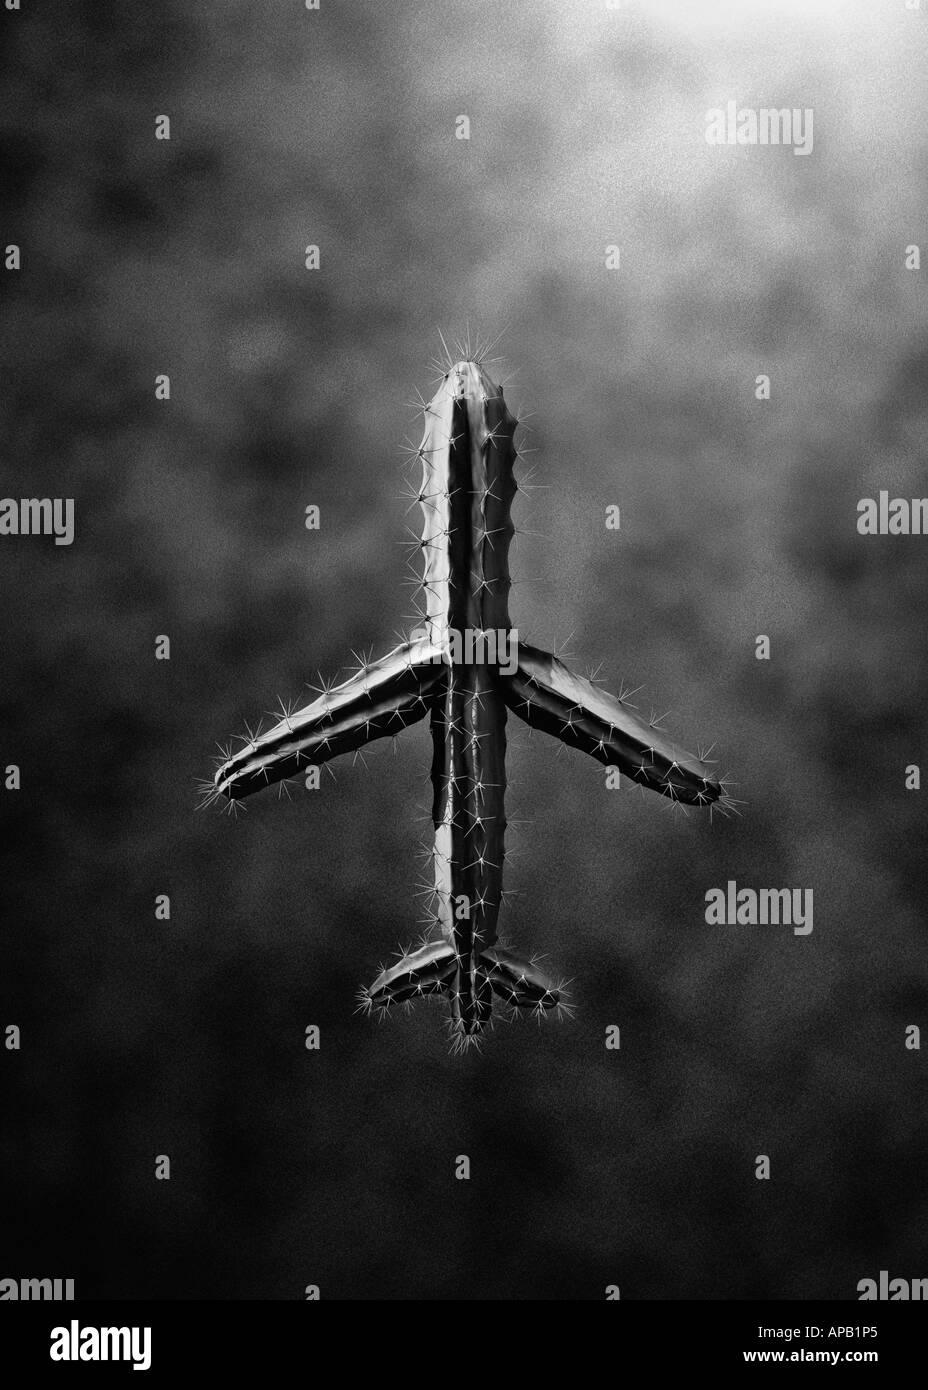 Computer generierte Bild eines Flugzeugs aus dem Kaktus Pflanze hergestellt Stockbild